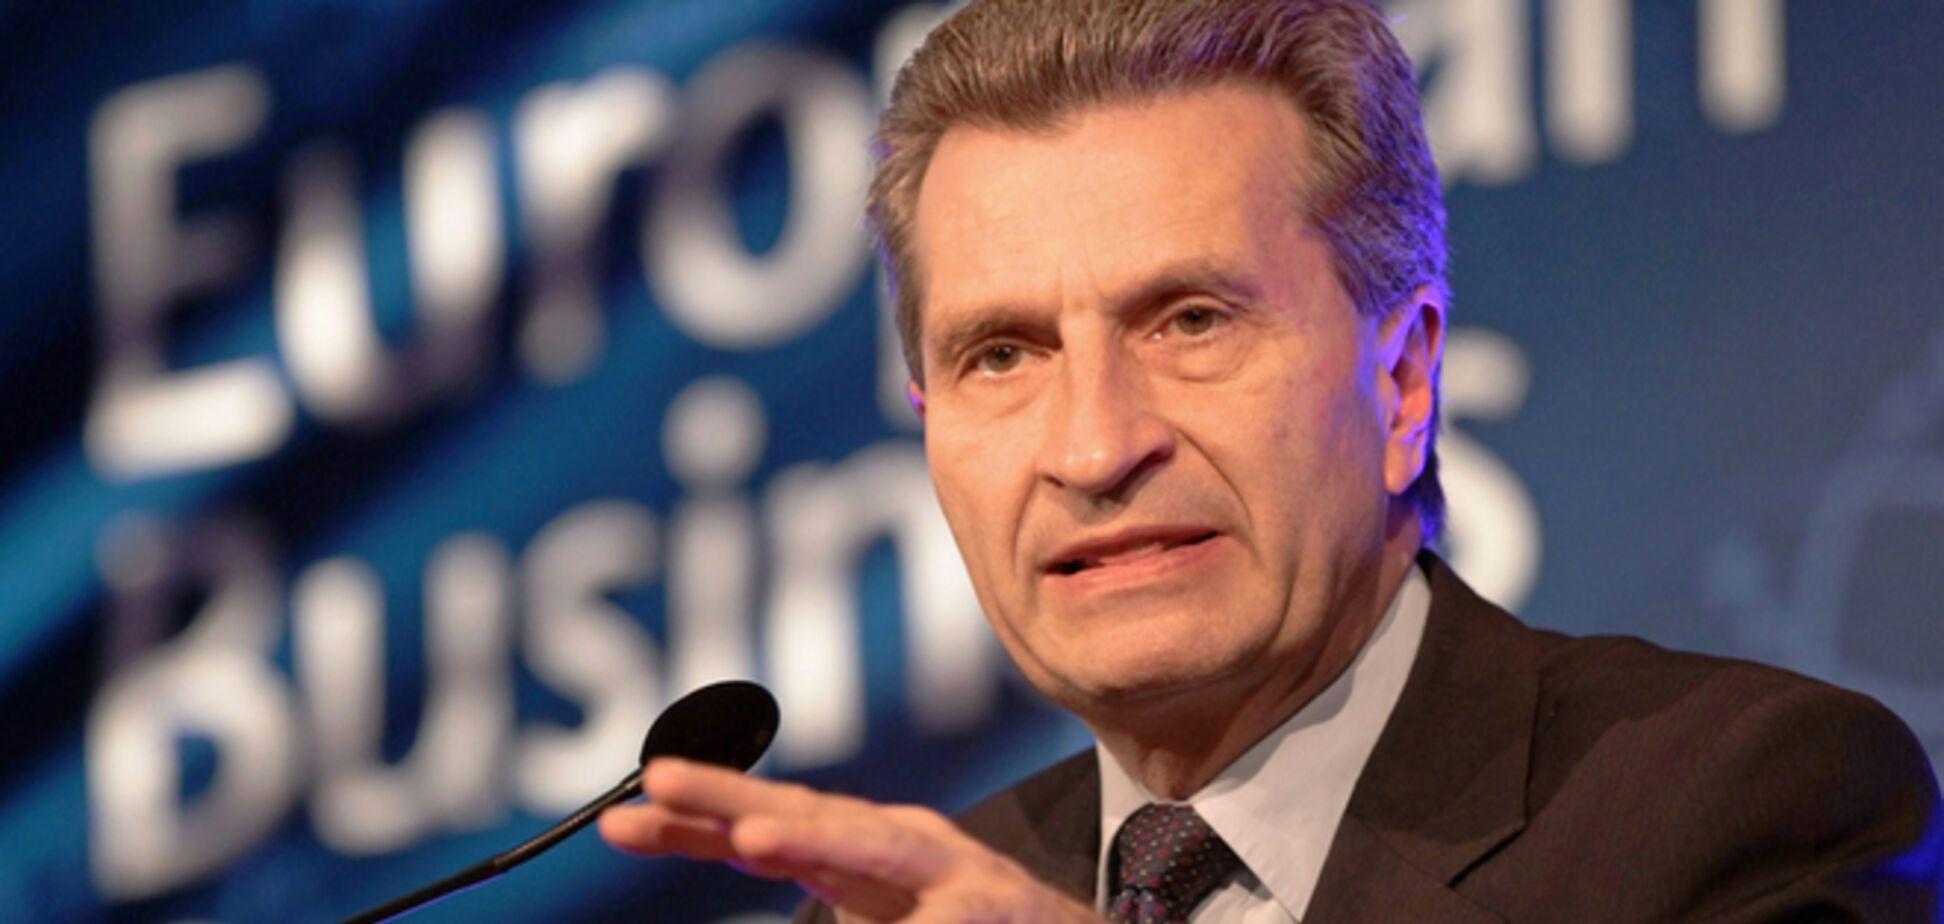 'Газпром' зобов'язується поставити 5 млрд кубометрів газу по $385 після оплати Україною $2 млрд. боргу